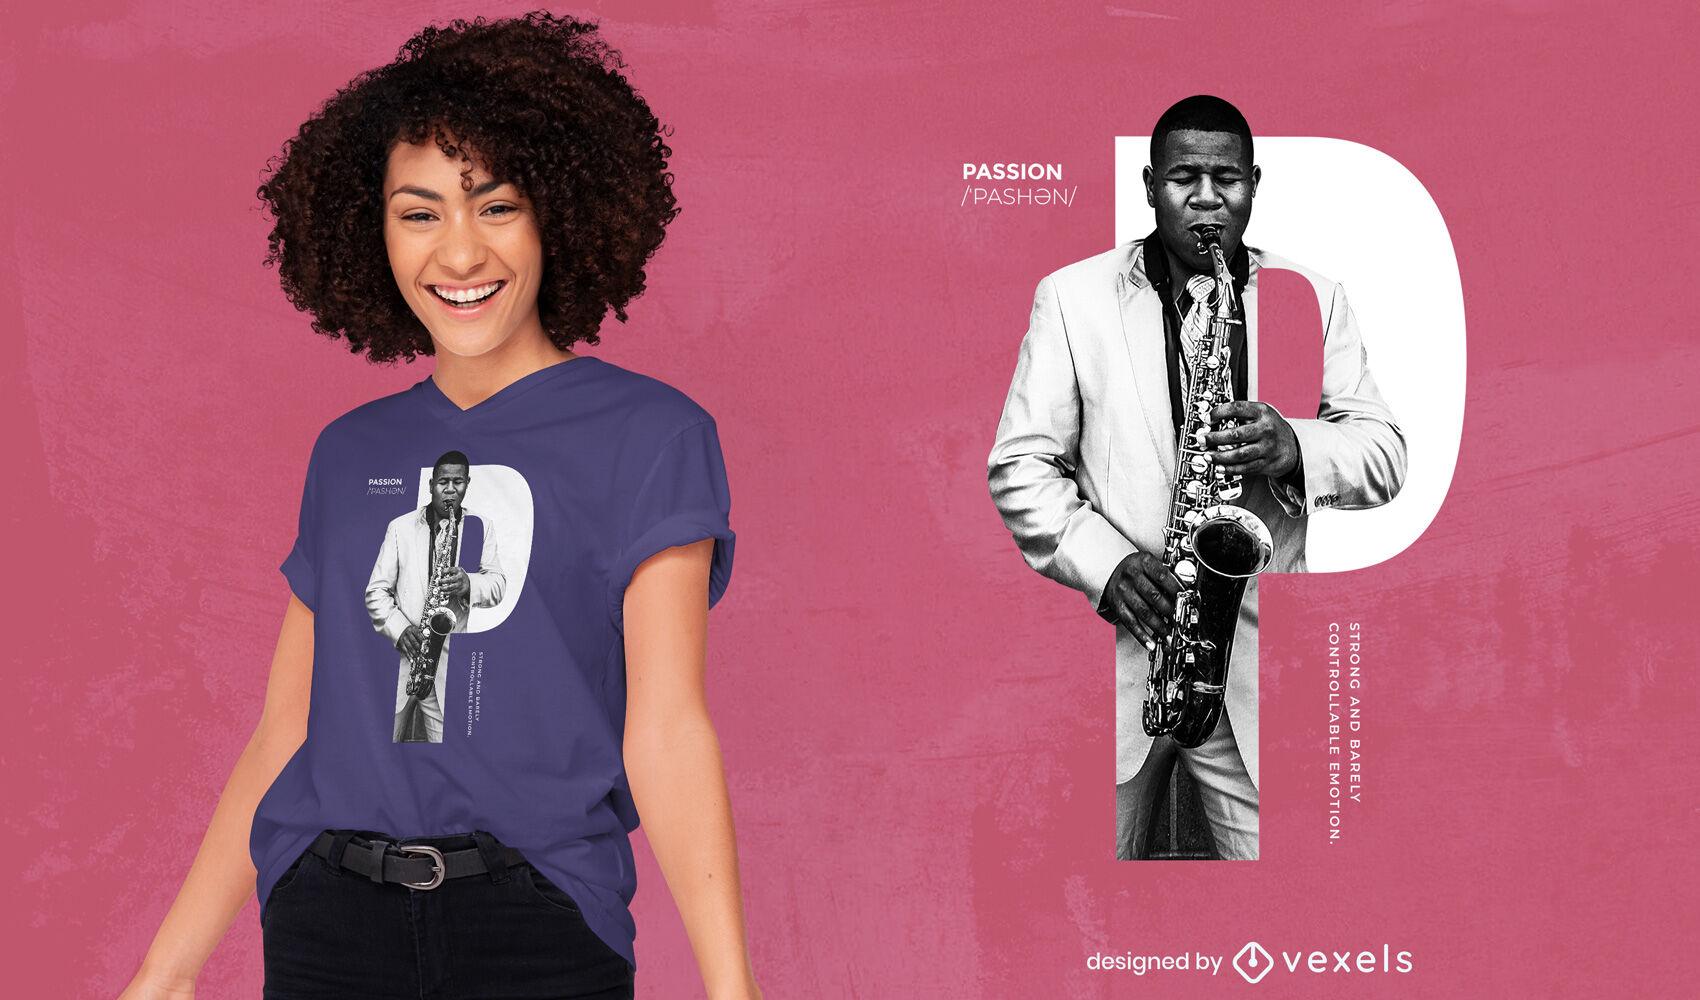 Diseño de camiseta psd saxofón hombre pasión